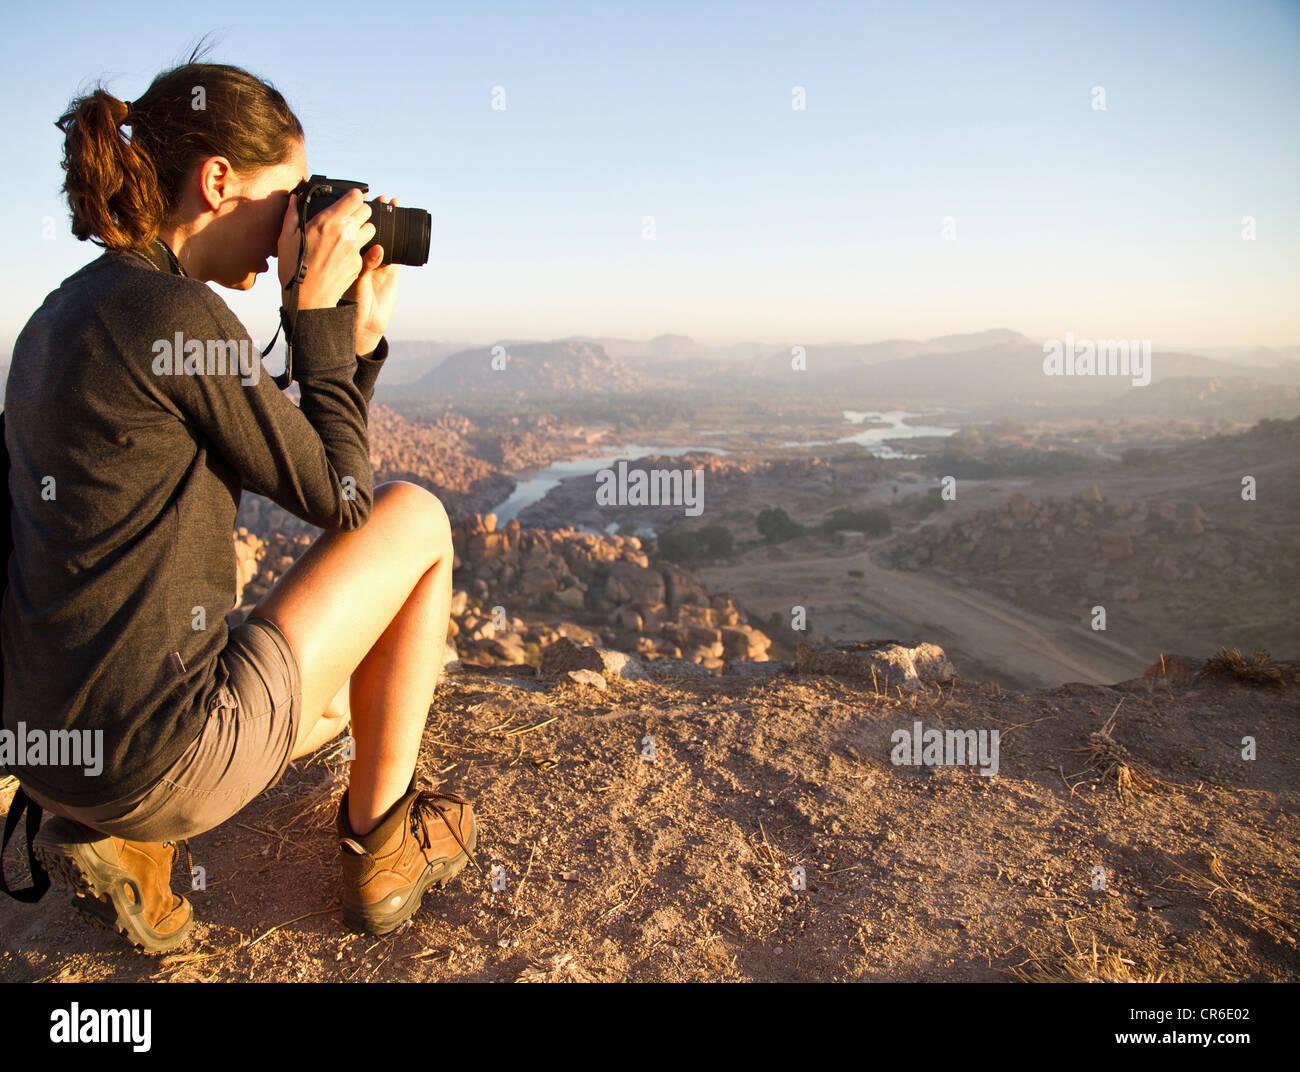 A Índia, Karnataka, jovens do sexo feminino tourist fotografar no topo da colina em Hampi Imagens de Stock